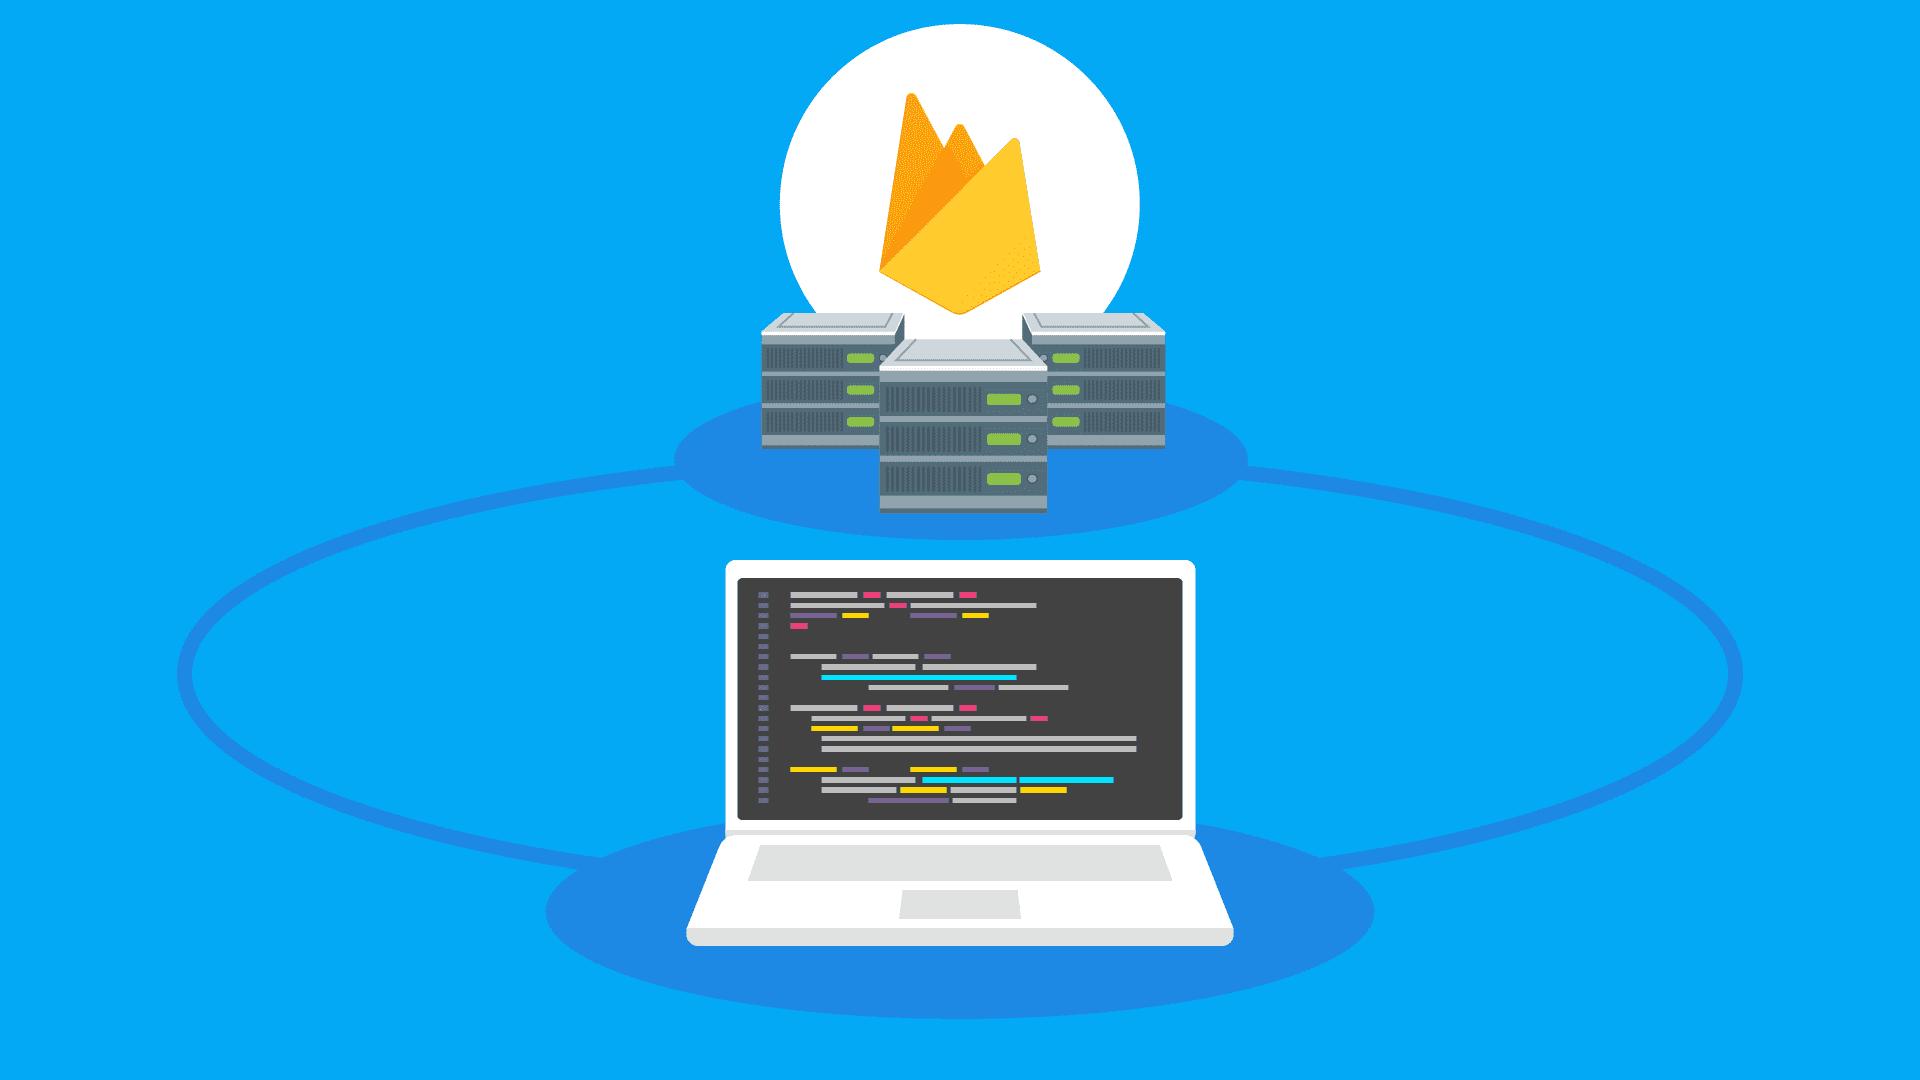 Ilustración de servidores y una laptop